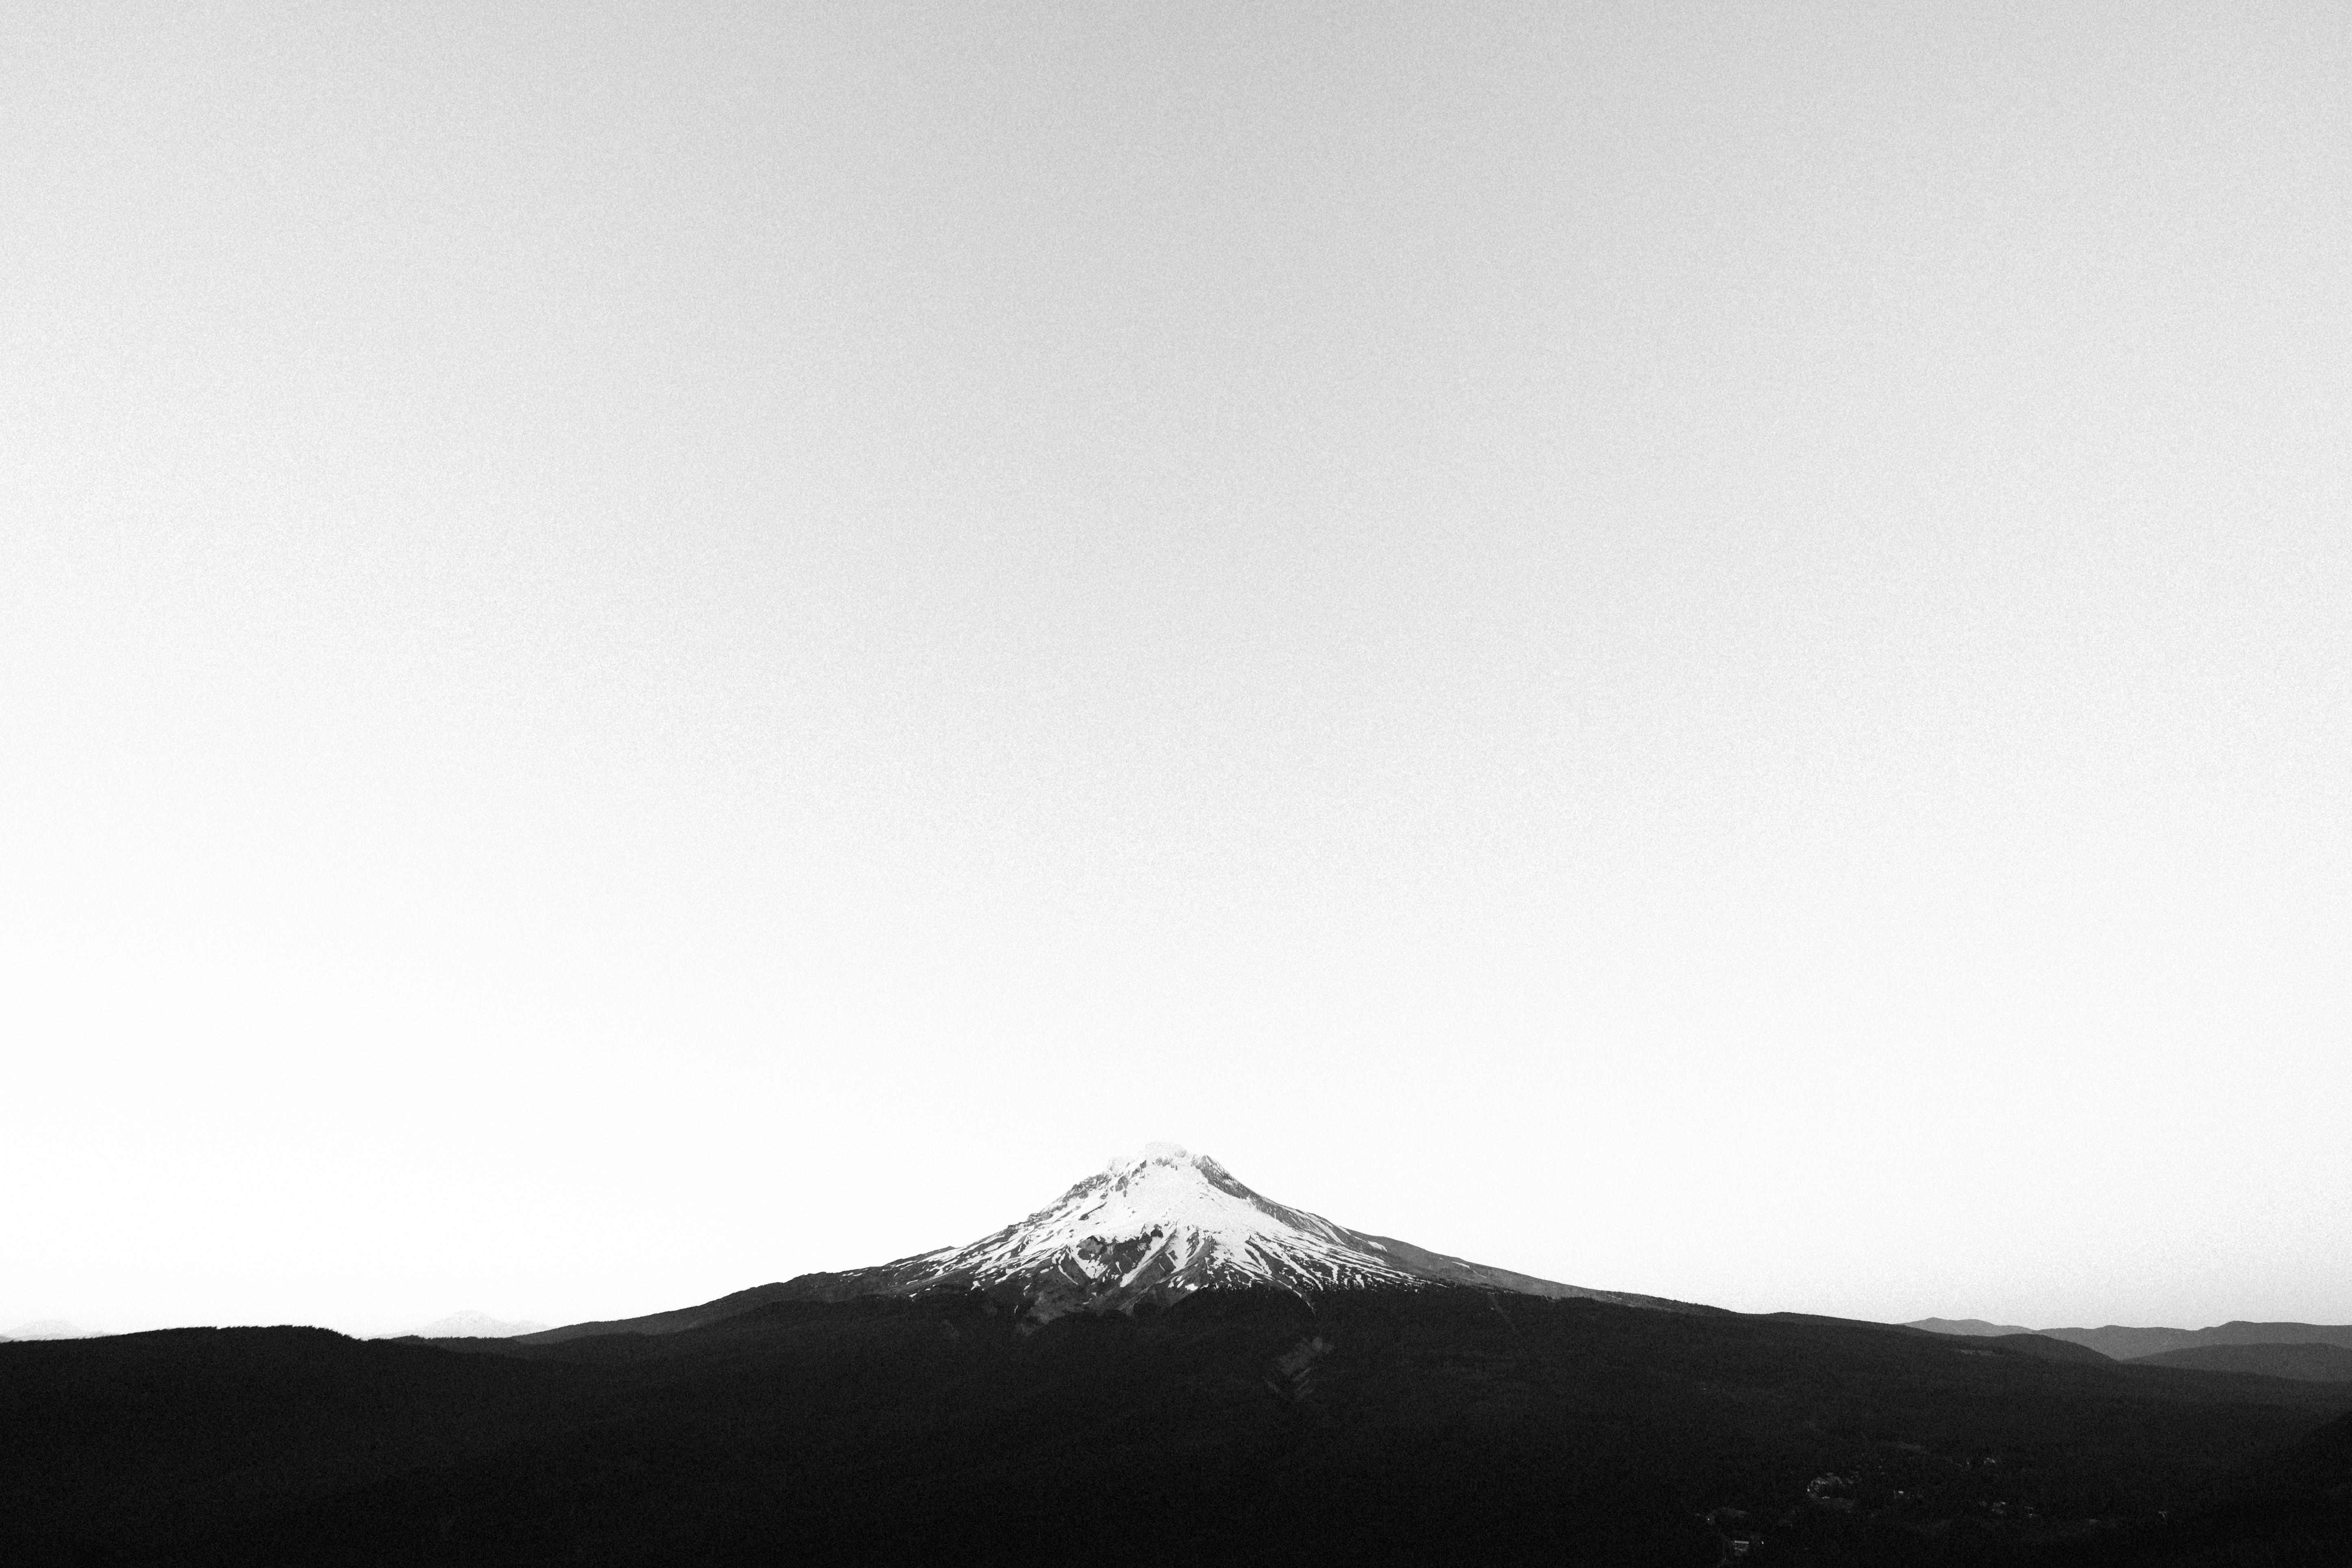 Kostenlose foto : Horizont, Berg, Schwarz und weiß, Weiß, Fotografie ...